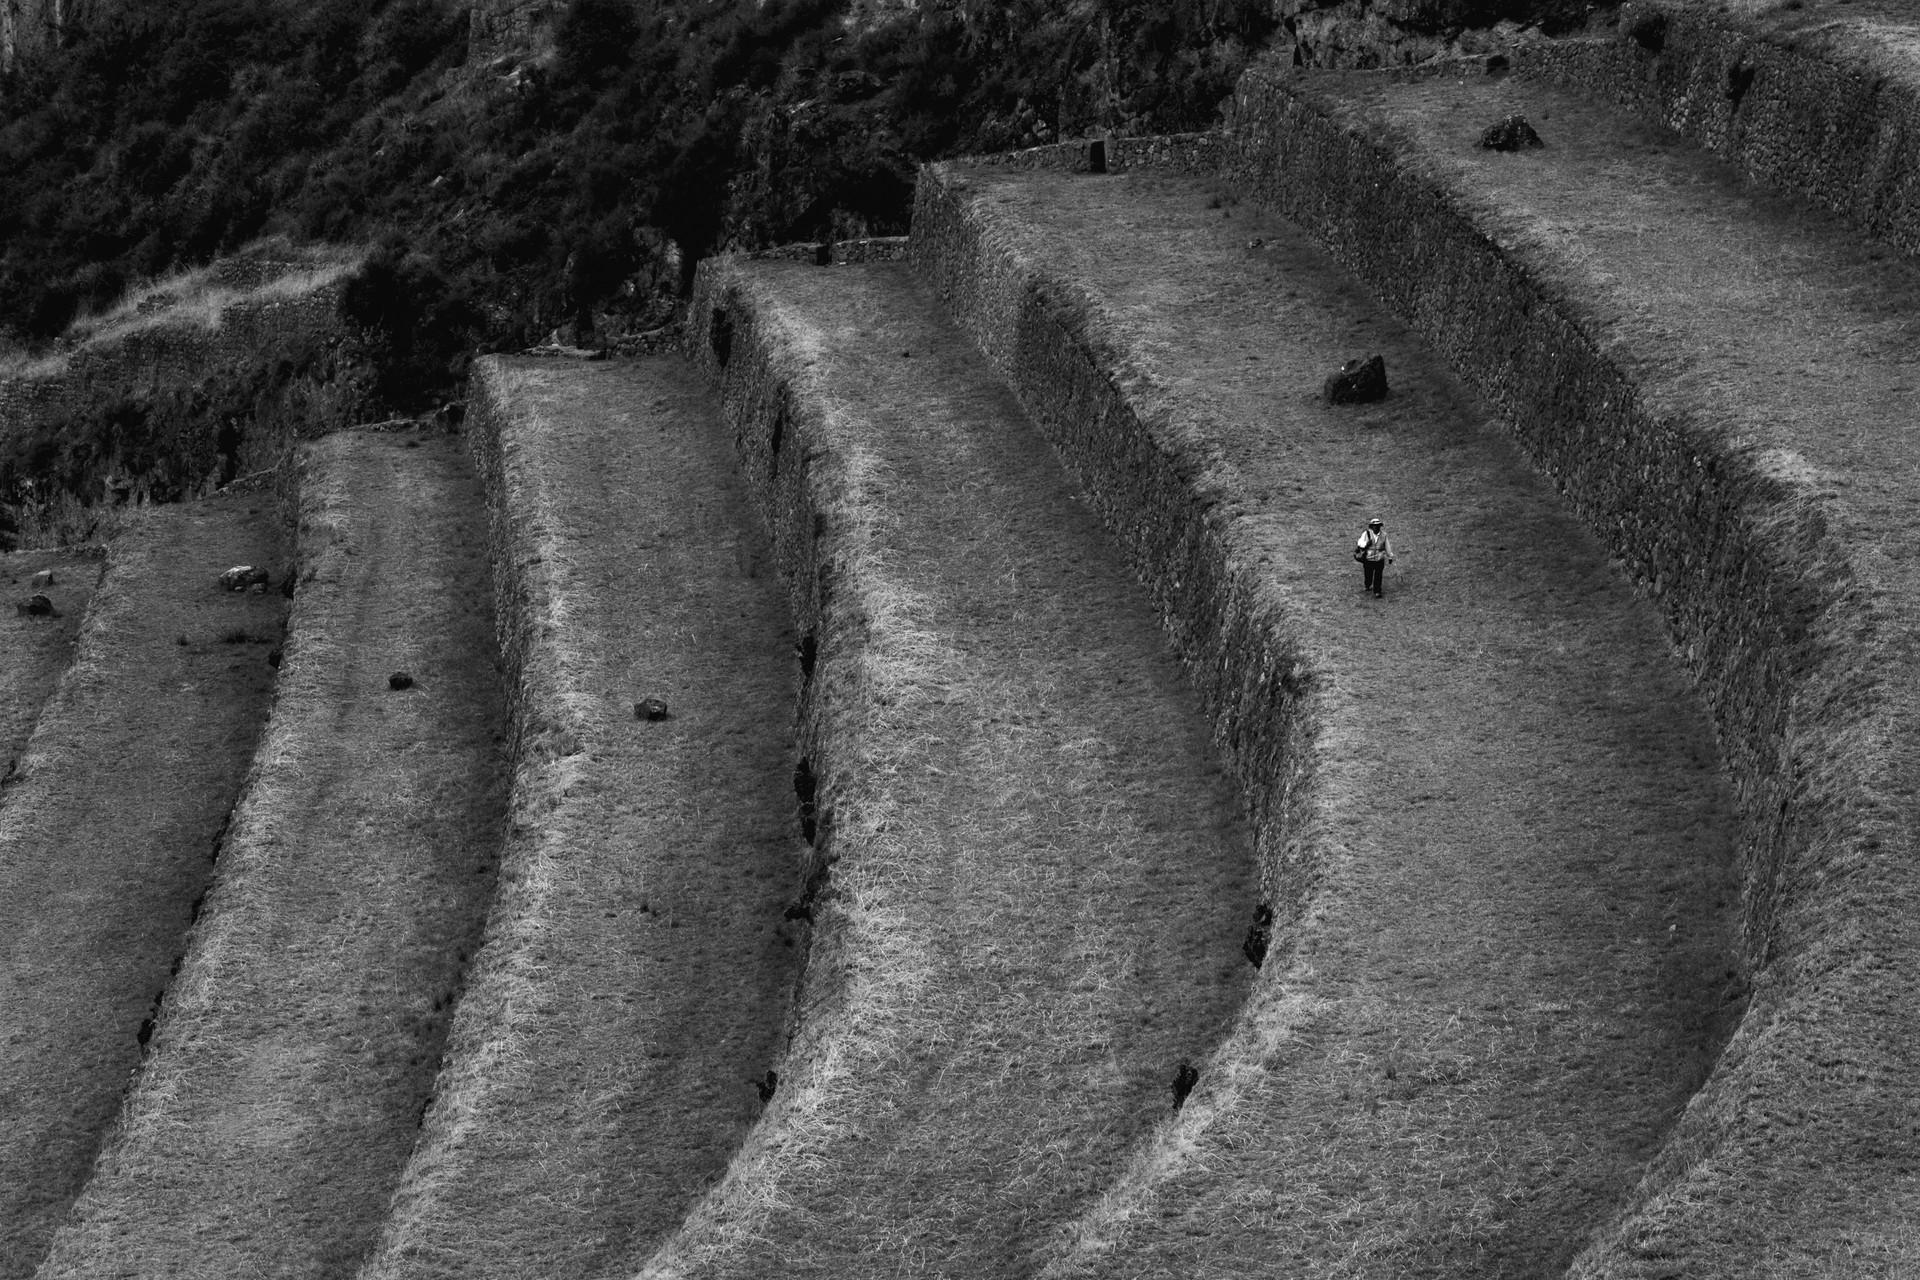 Valle Sagrado de los incas, Perú